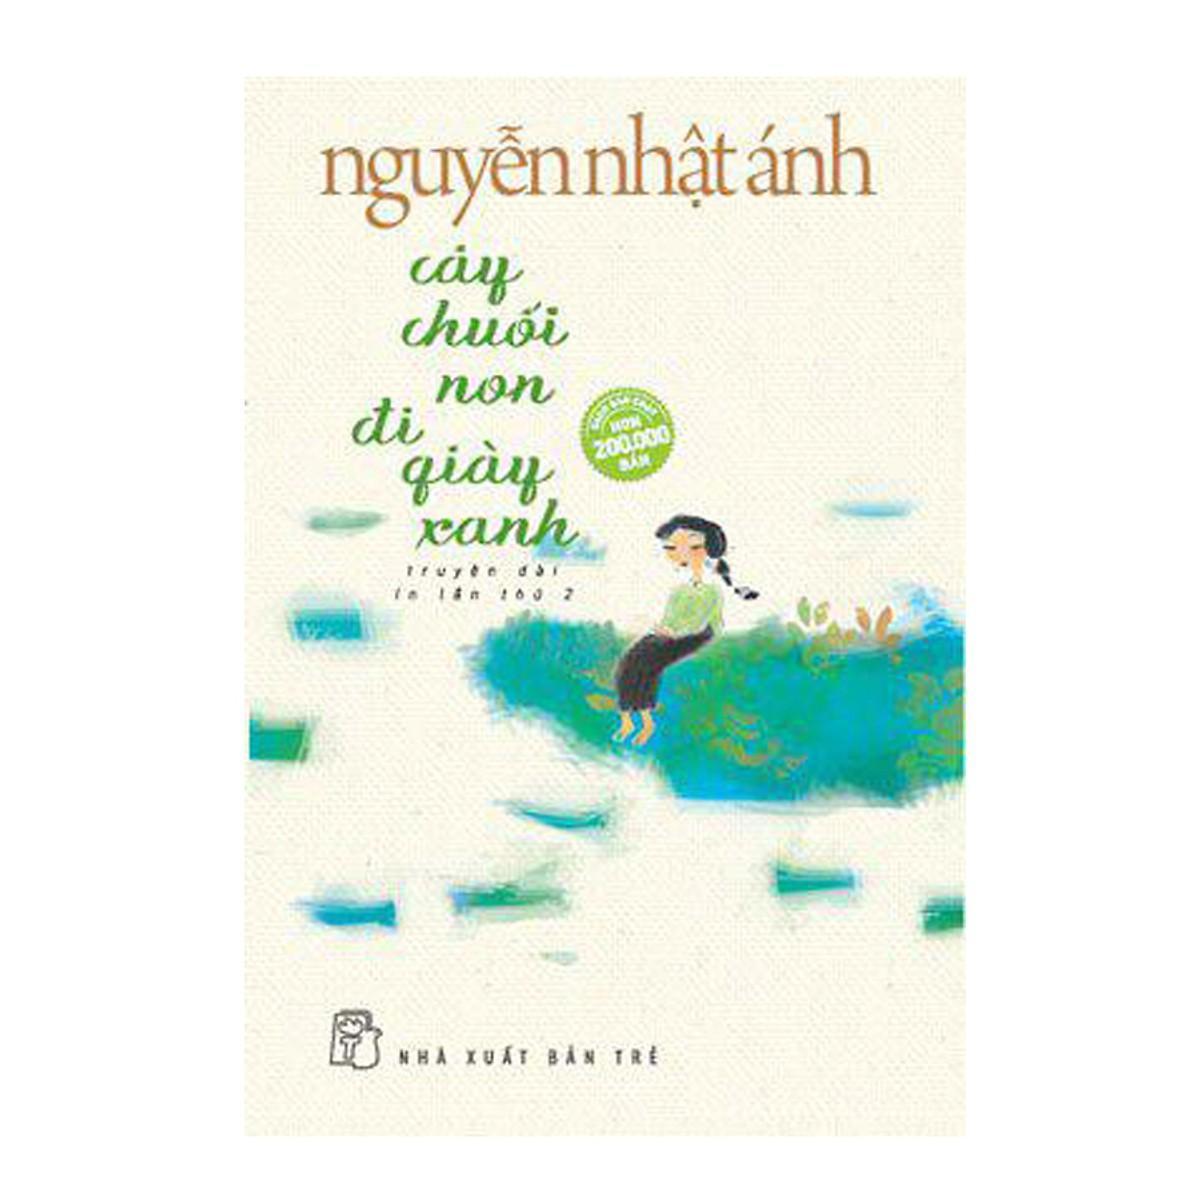 Cây Chuối Non Đi Giày Xanh (Sách Tiêu Biểu Của Nguyễn Nhật Ánh - Tặng Kèm Postcard Happy Life)